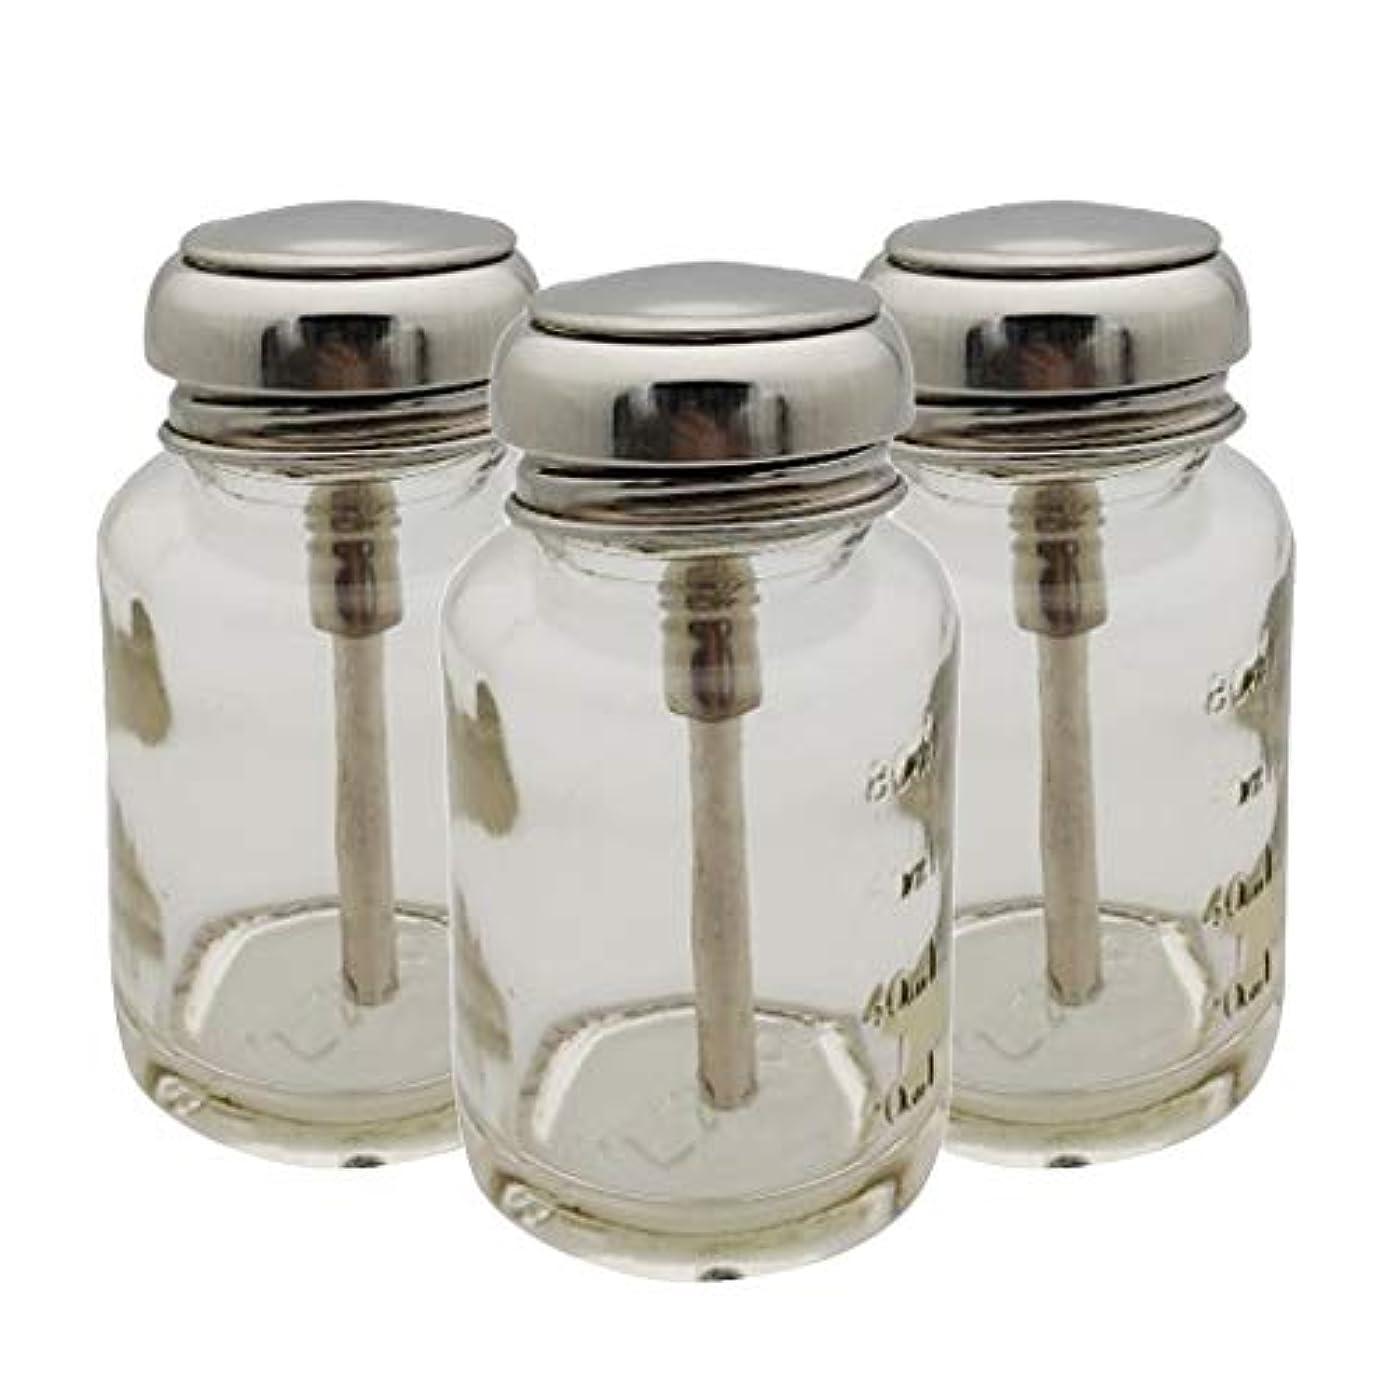 申請者間違い癒すSM SunniMix ポンプディスペンサー ネイル ポンプボトル 容器 ネイルクリーナーボトル 80ml ガラス 3個入り